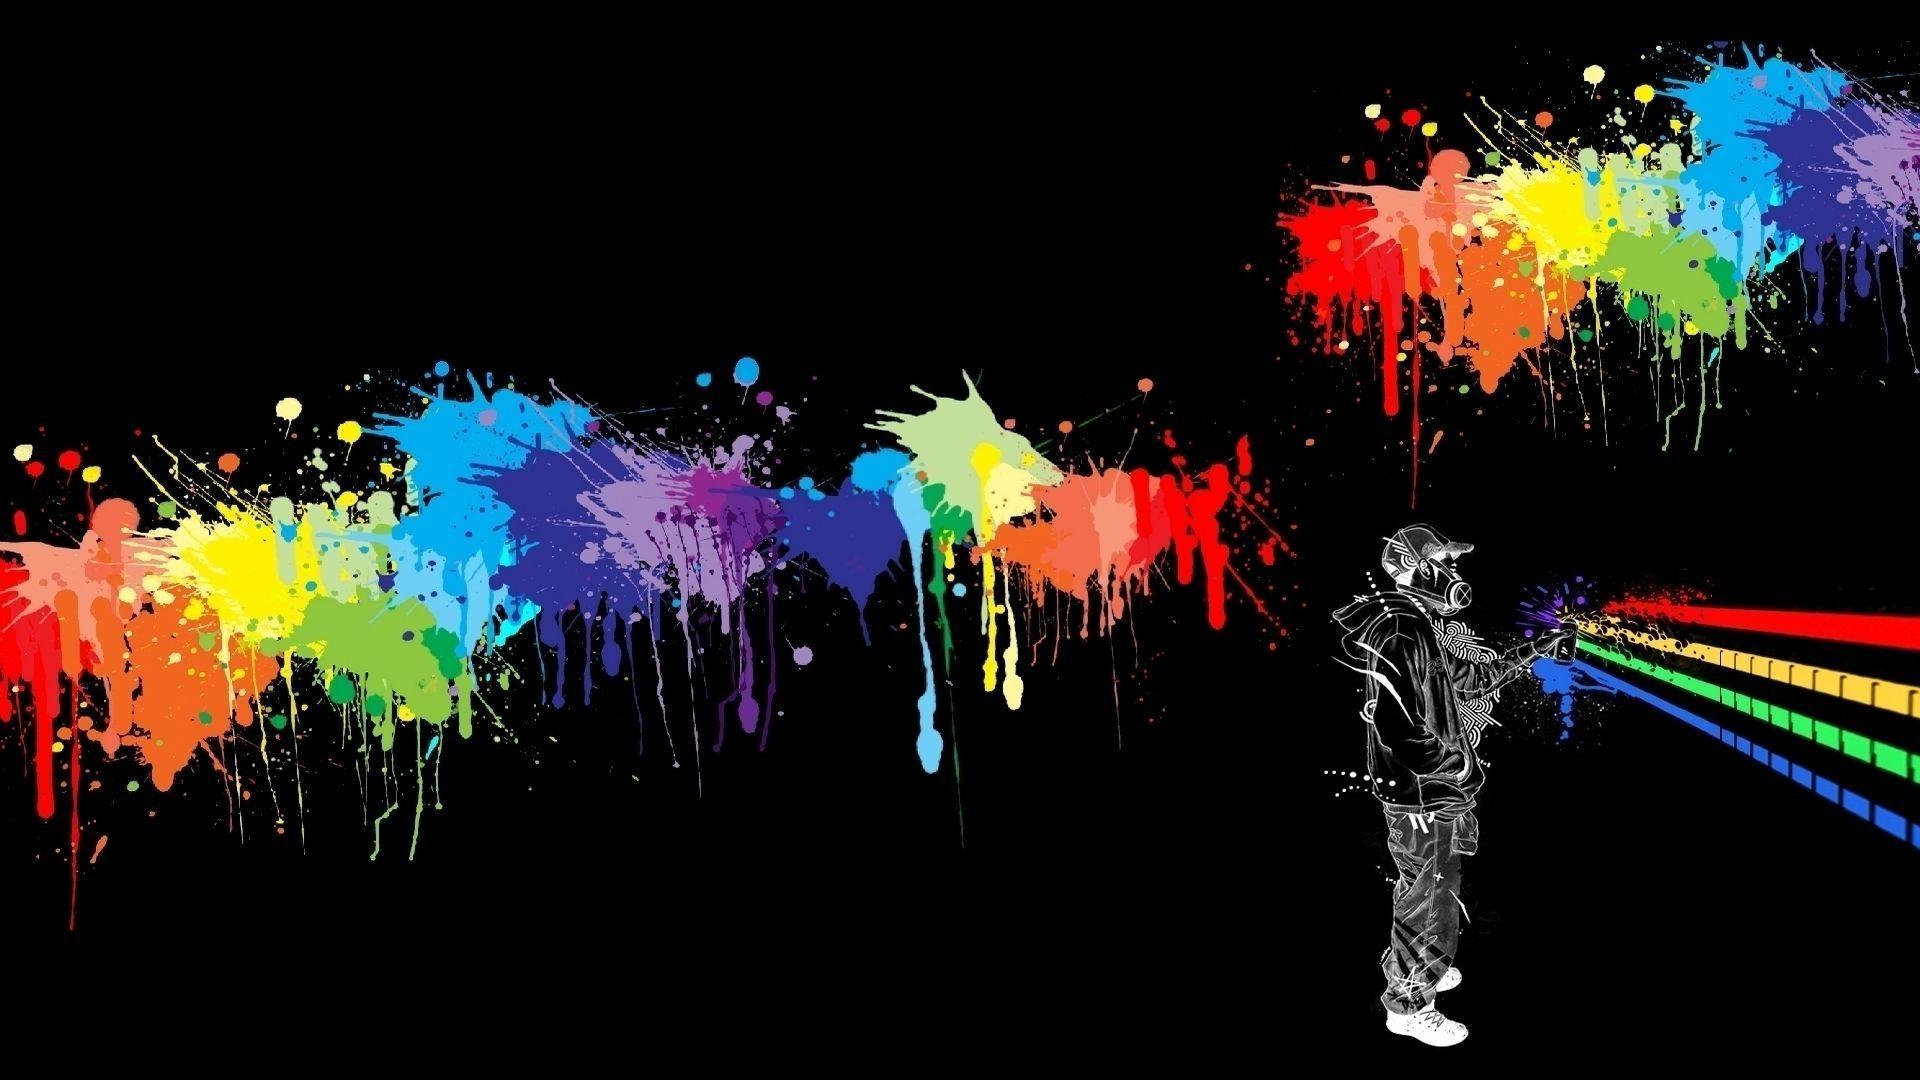 graffiti art wallpaper #24